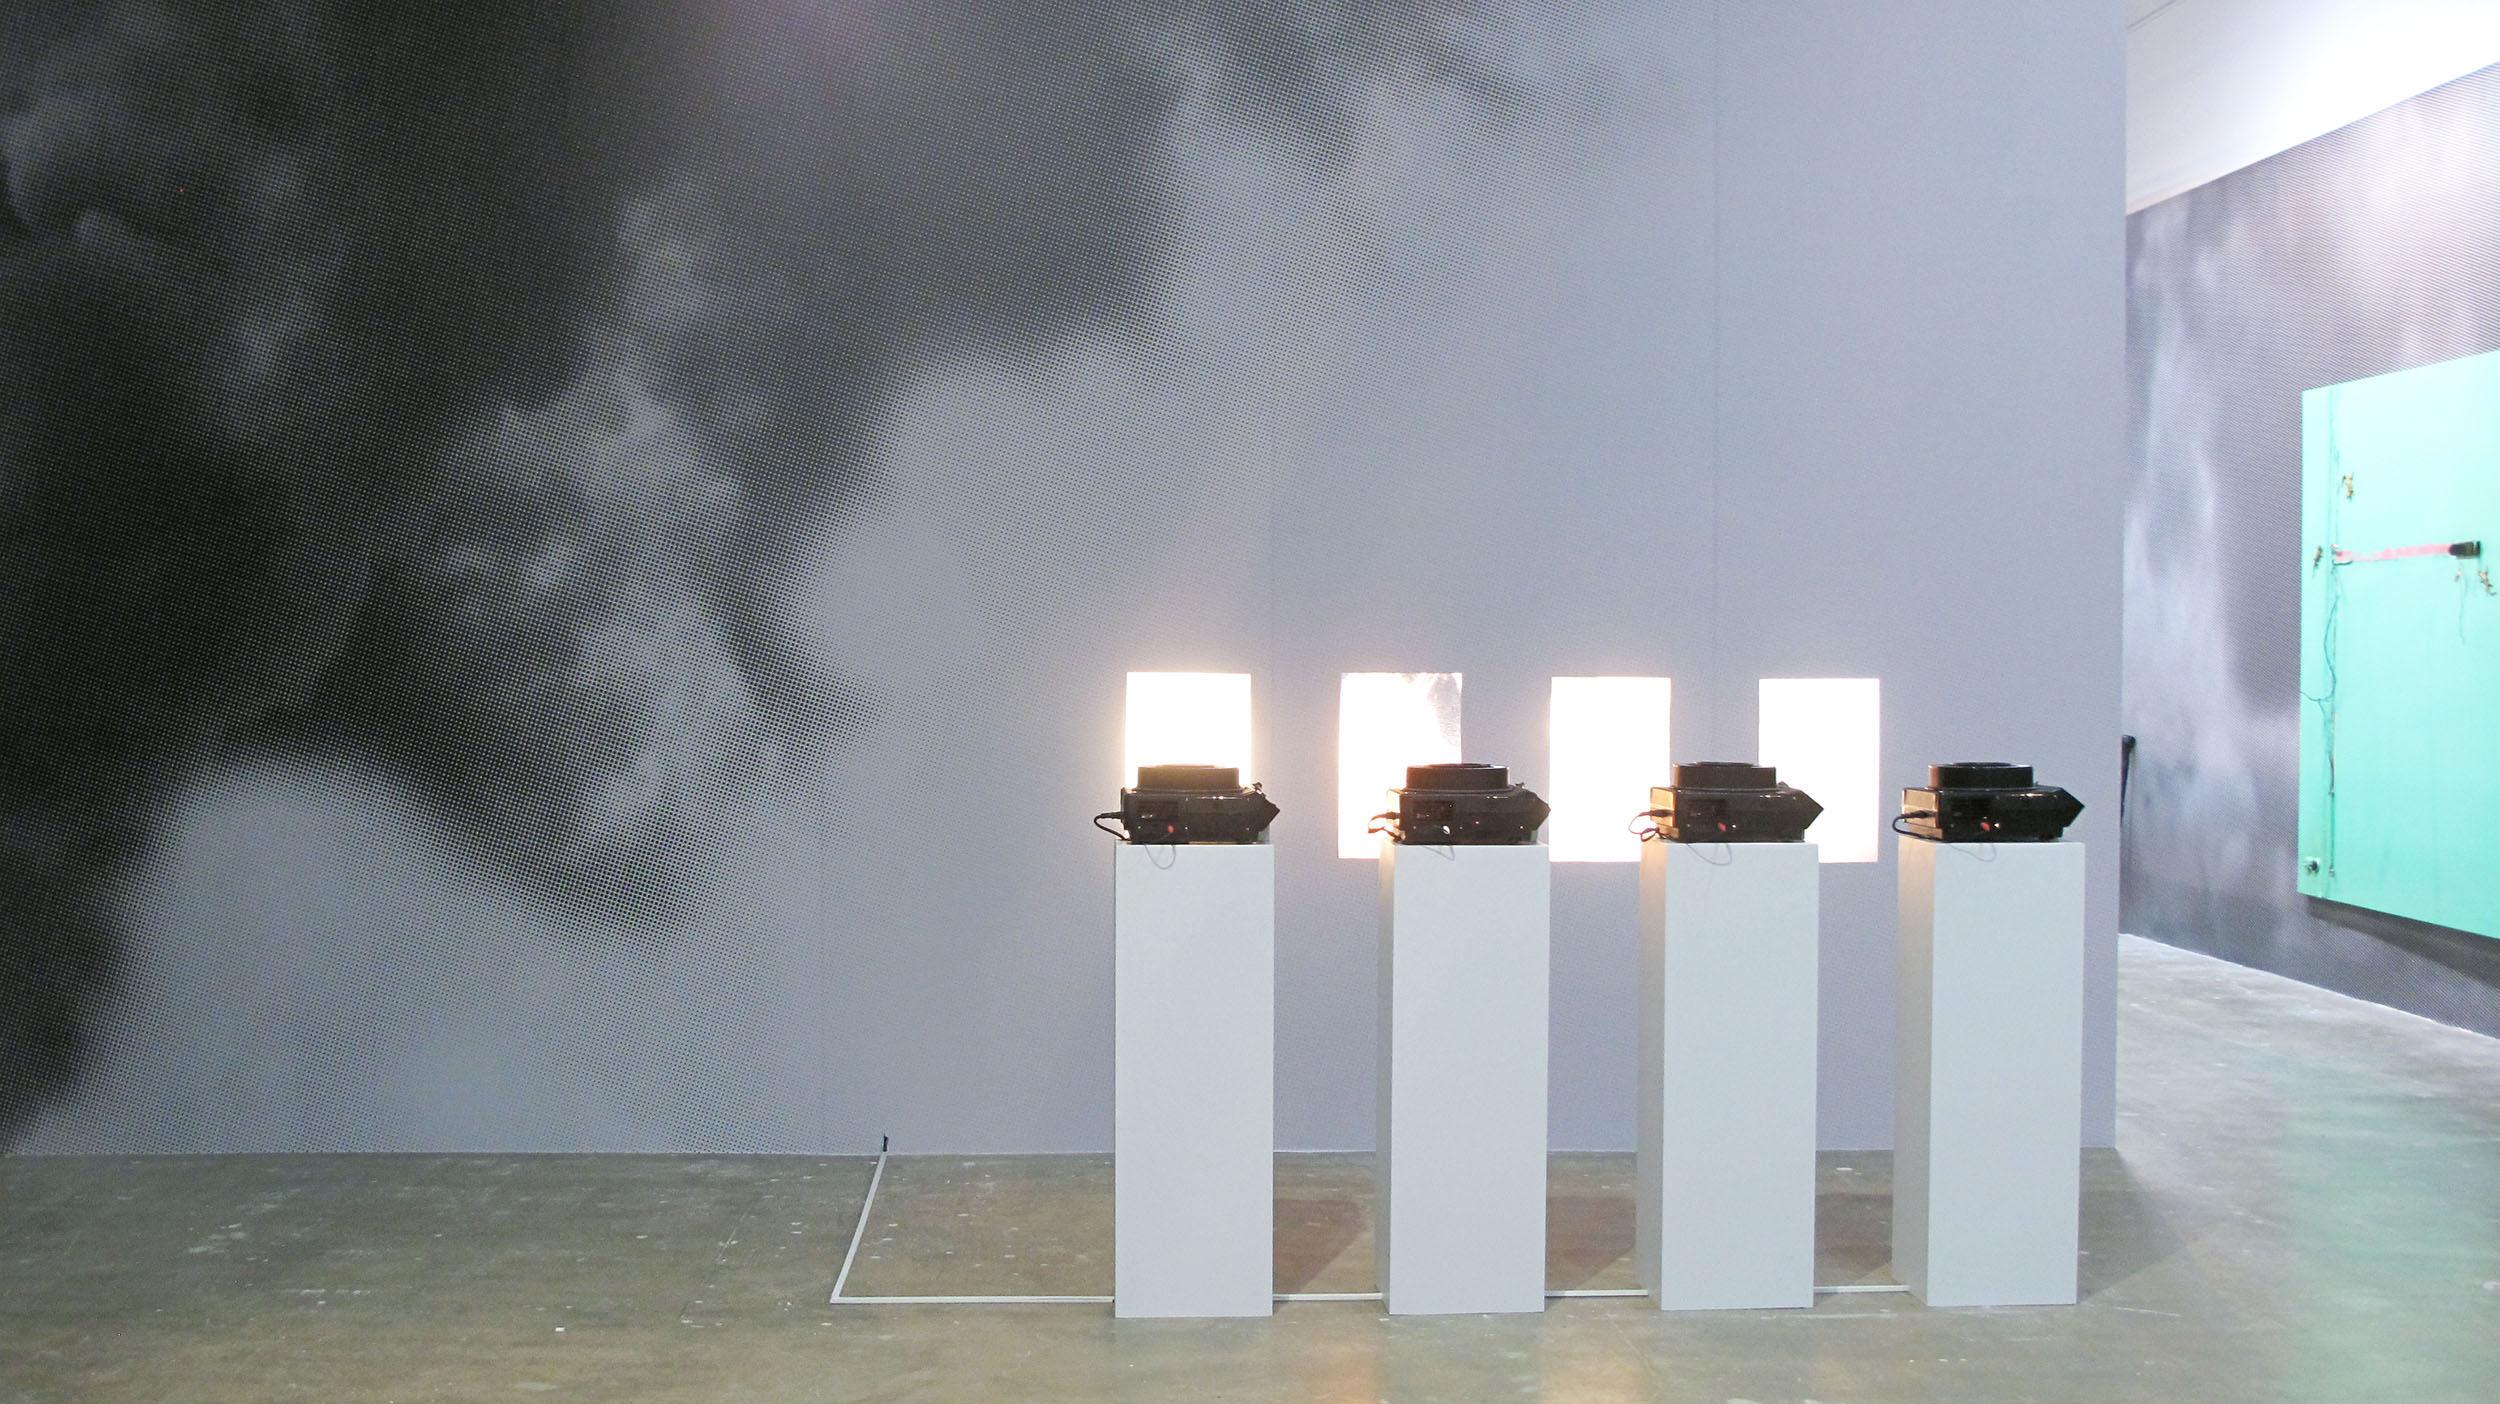 From top AJai-Hyoung Hwang 'Hwangi' 1984 (image: Stefan Altemburger) Mirinalini Mukherjee 'Aboreal Ennactment' 1991-2 James Richards 'Untitled' 2013